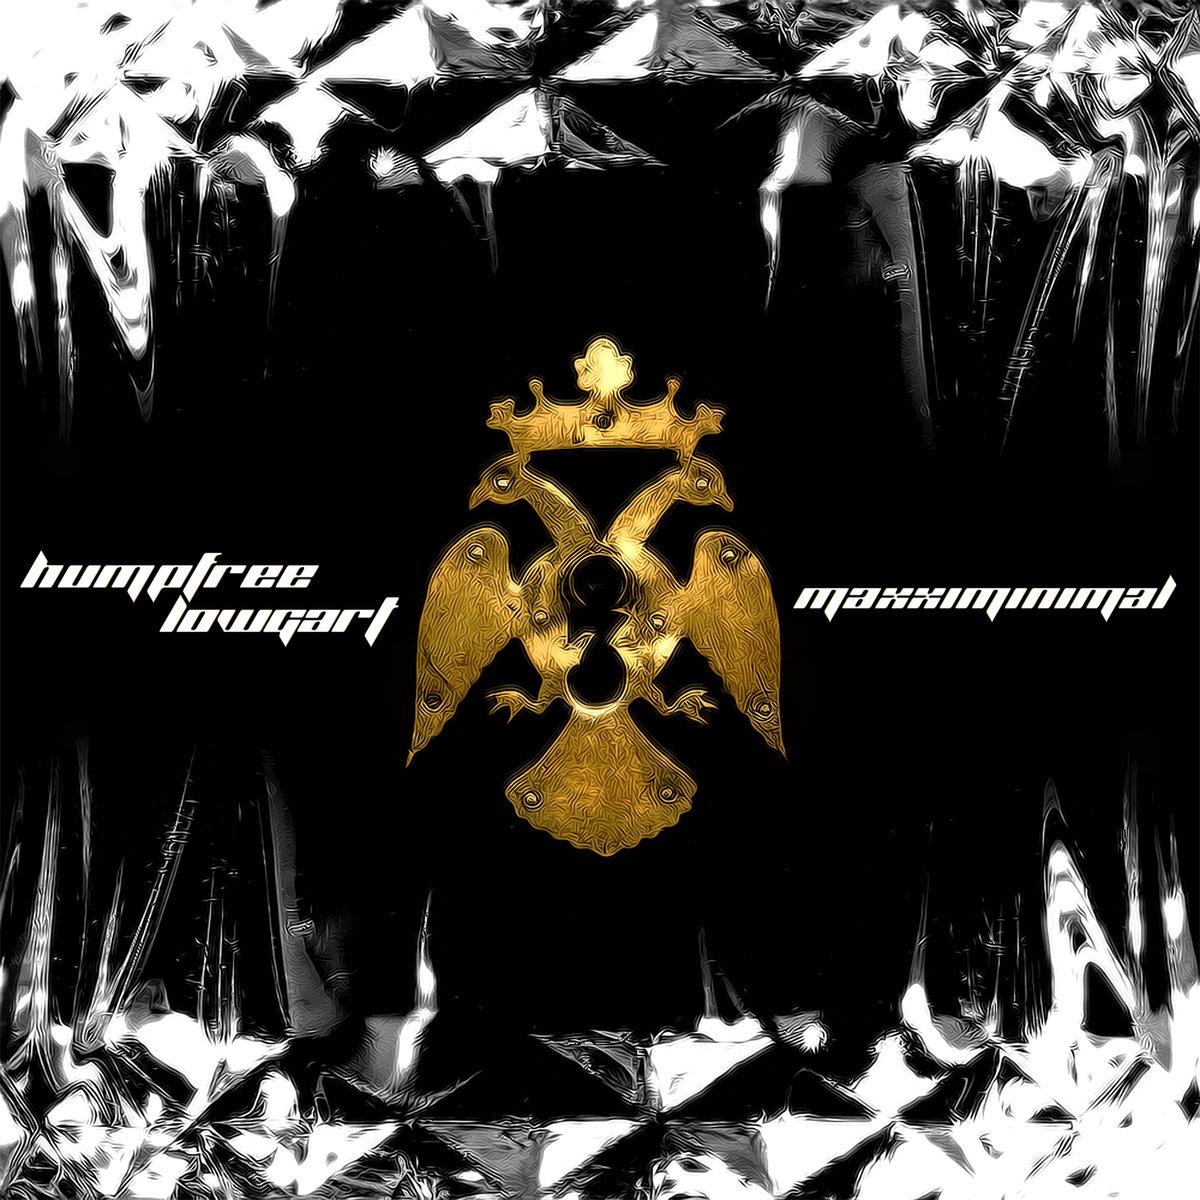 Humpfree LowGart - Maxximinimal @ 'Maxximinimal' album (bass, chill)